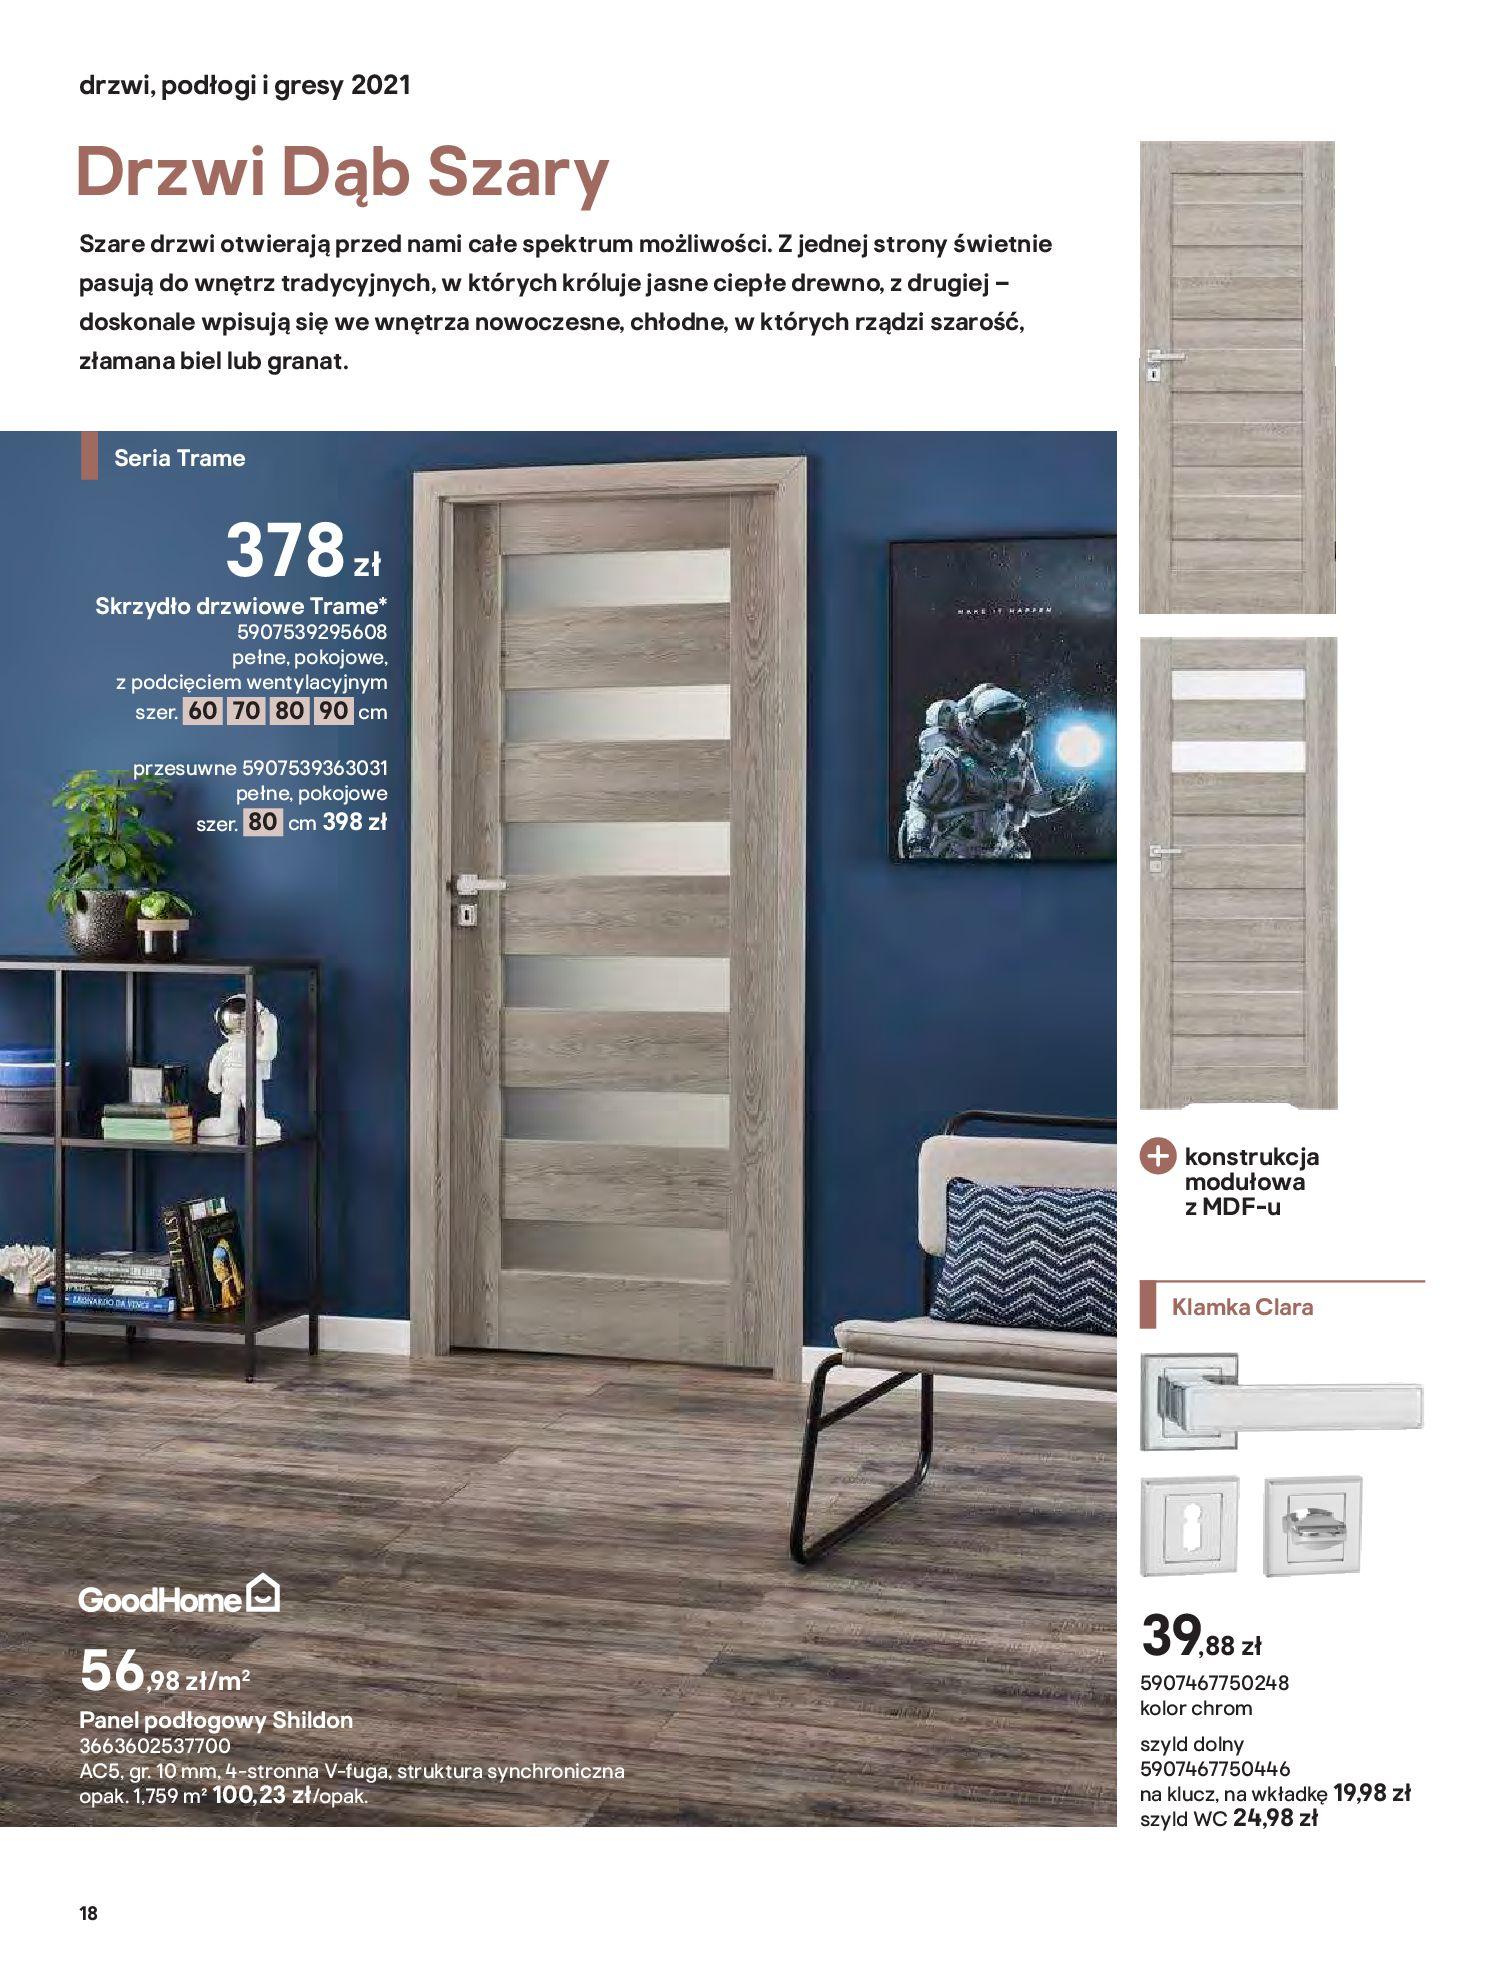 Gazetka Castorama: Gazetka Castorama - Przewodnik drzwi i podłogi 2021 2021-08-11 page-18